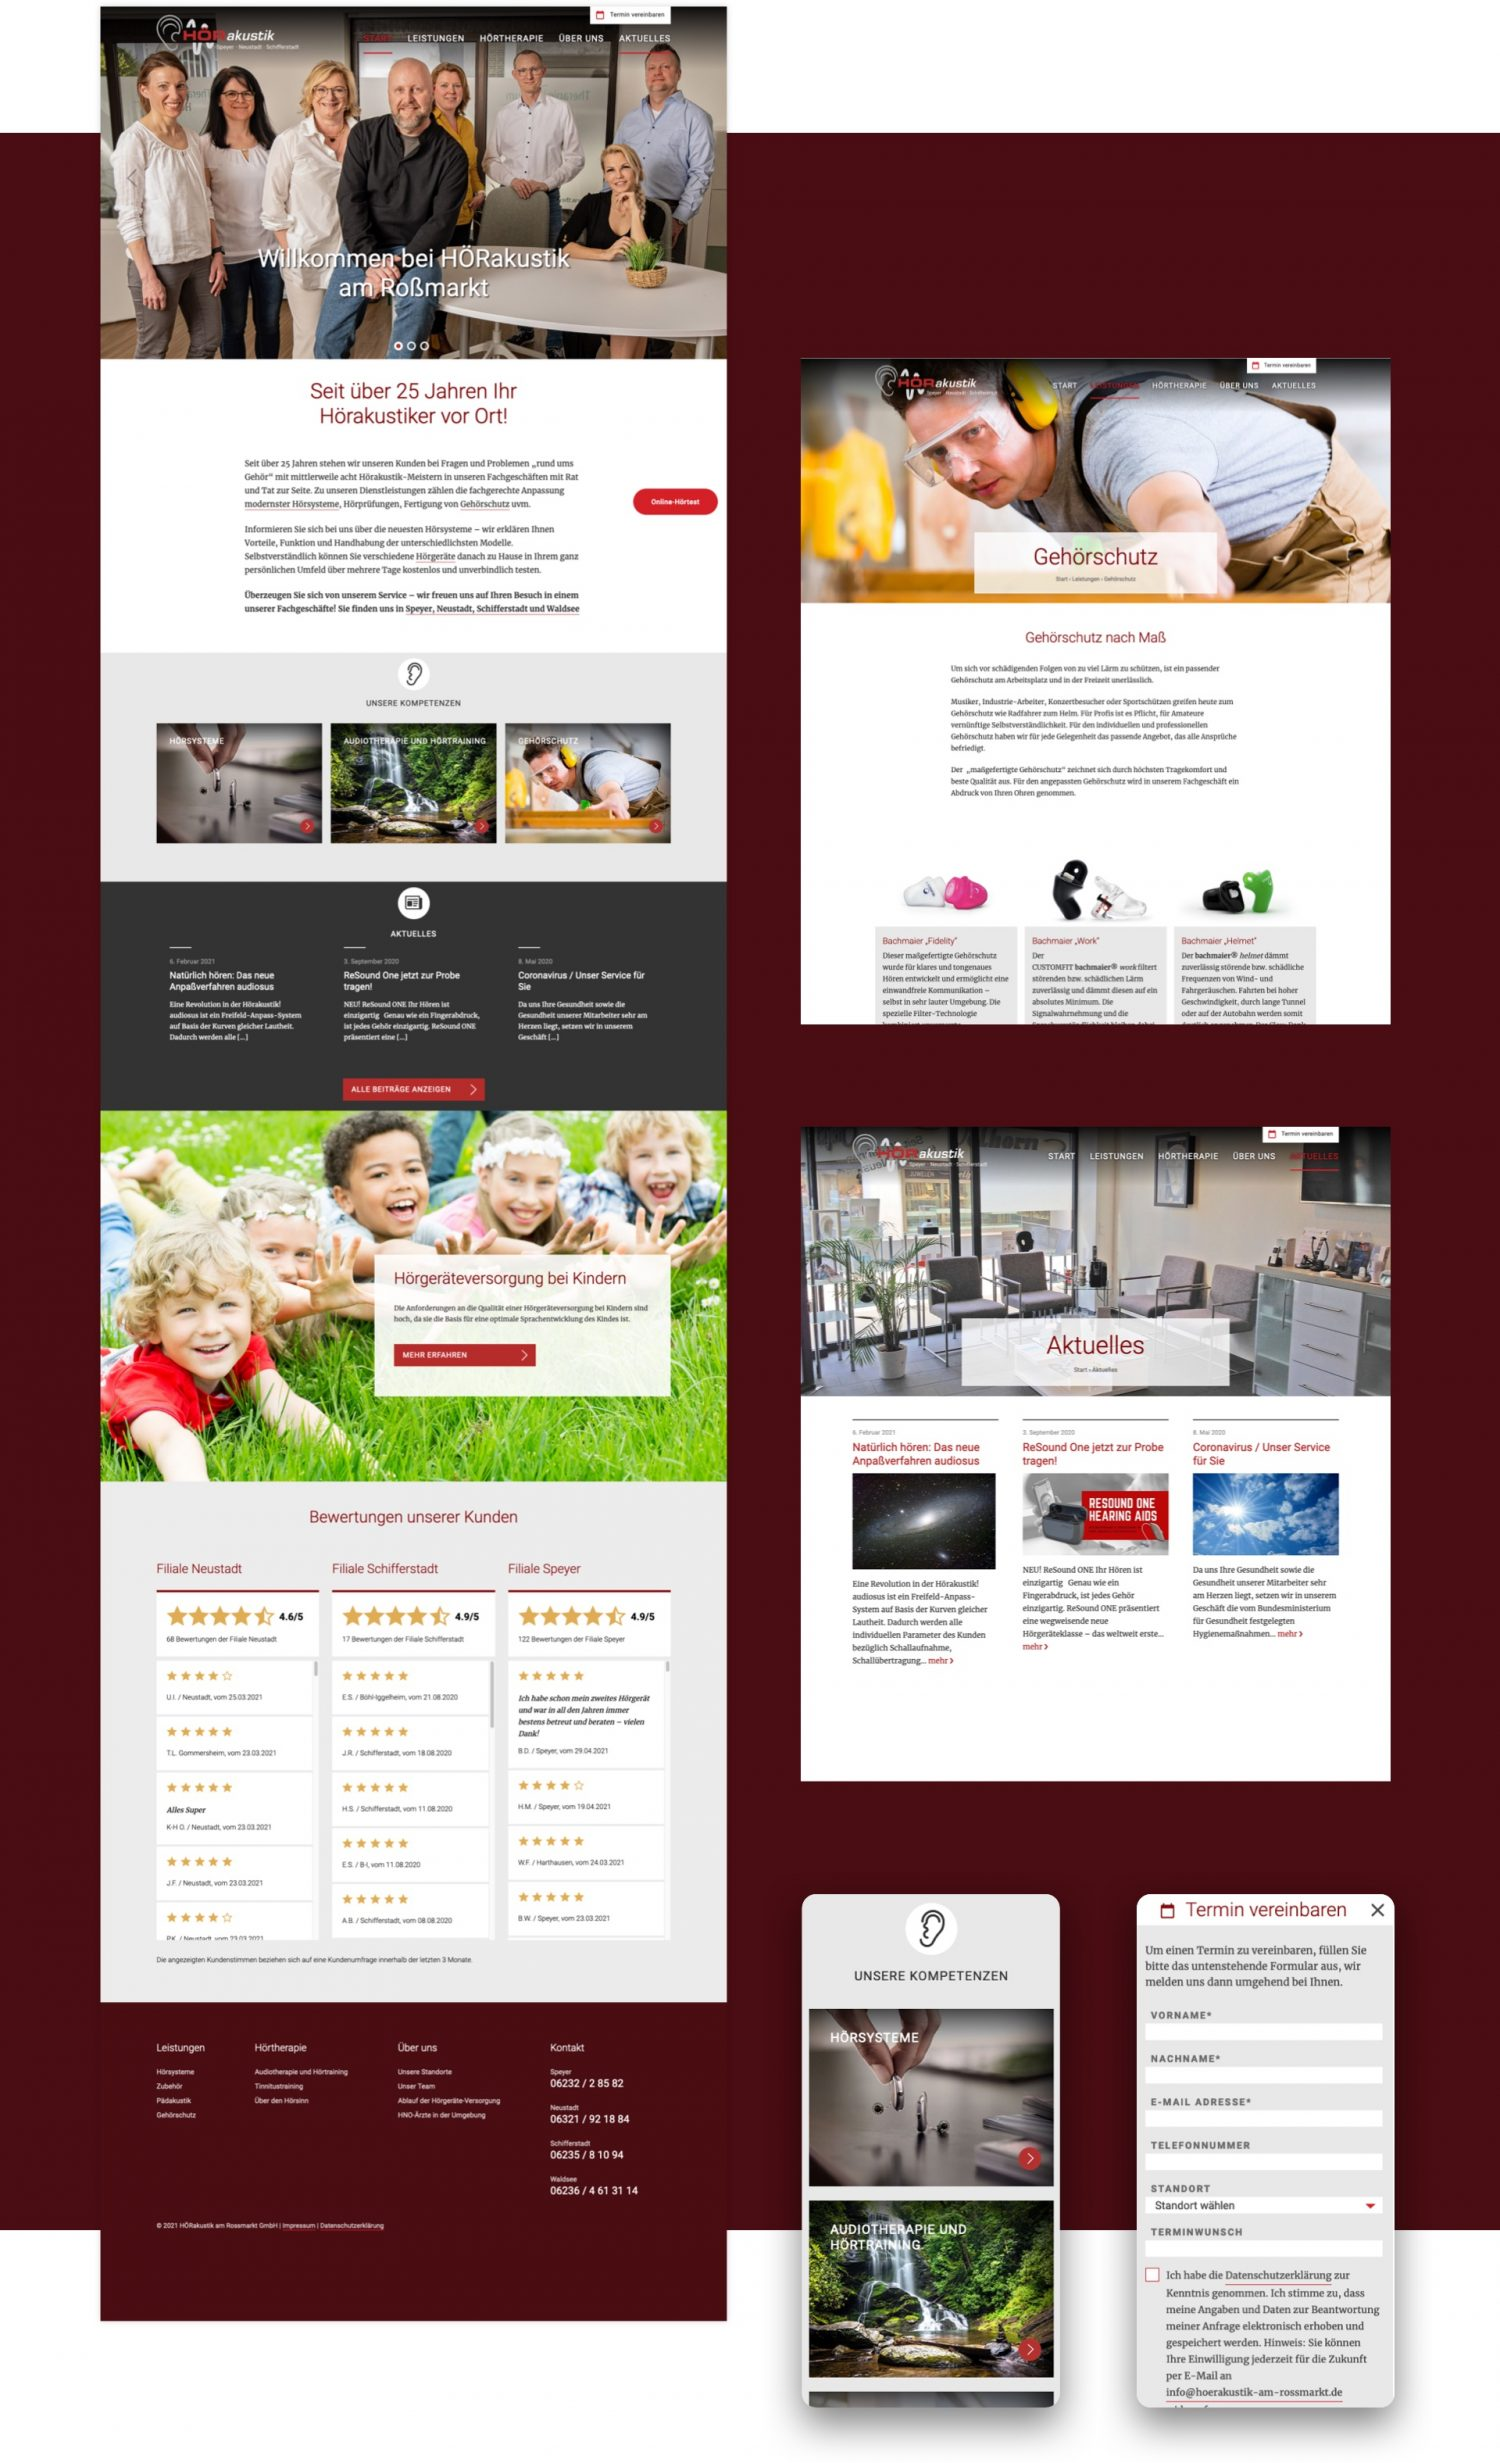 Webdesign für Hoerakustik am Rossmarkt in Speyer